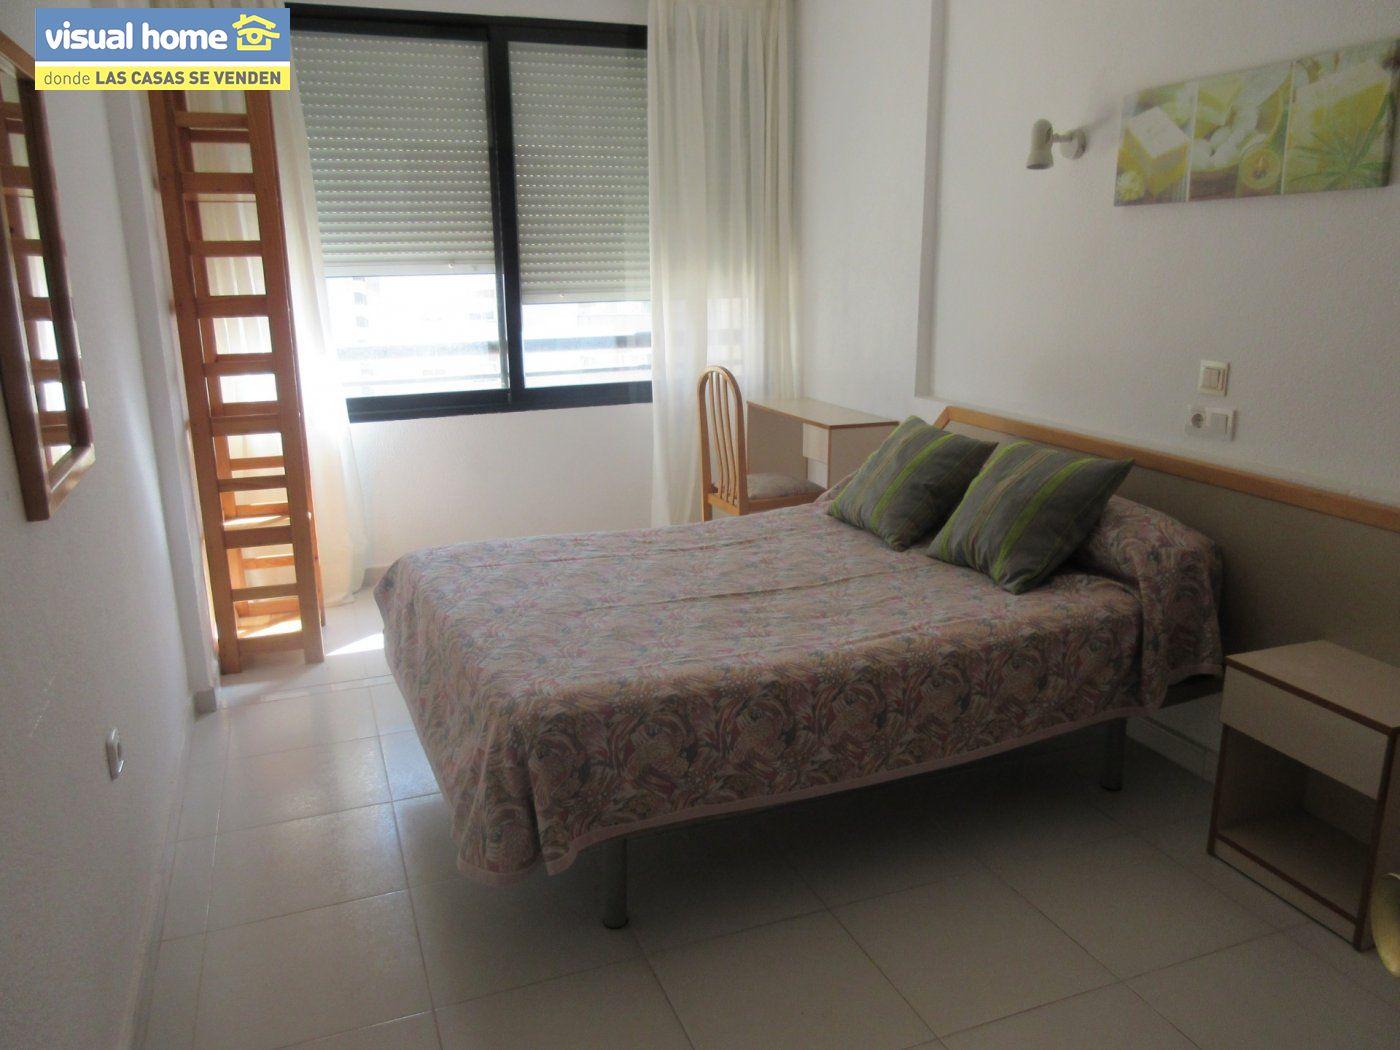 Apartamento de un dormitorio con parking y piscina en Rincón de Loix llano 11